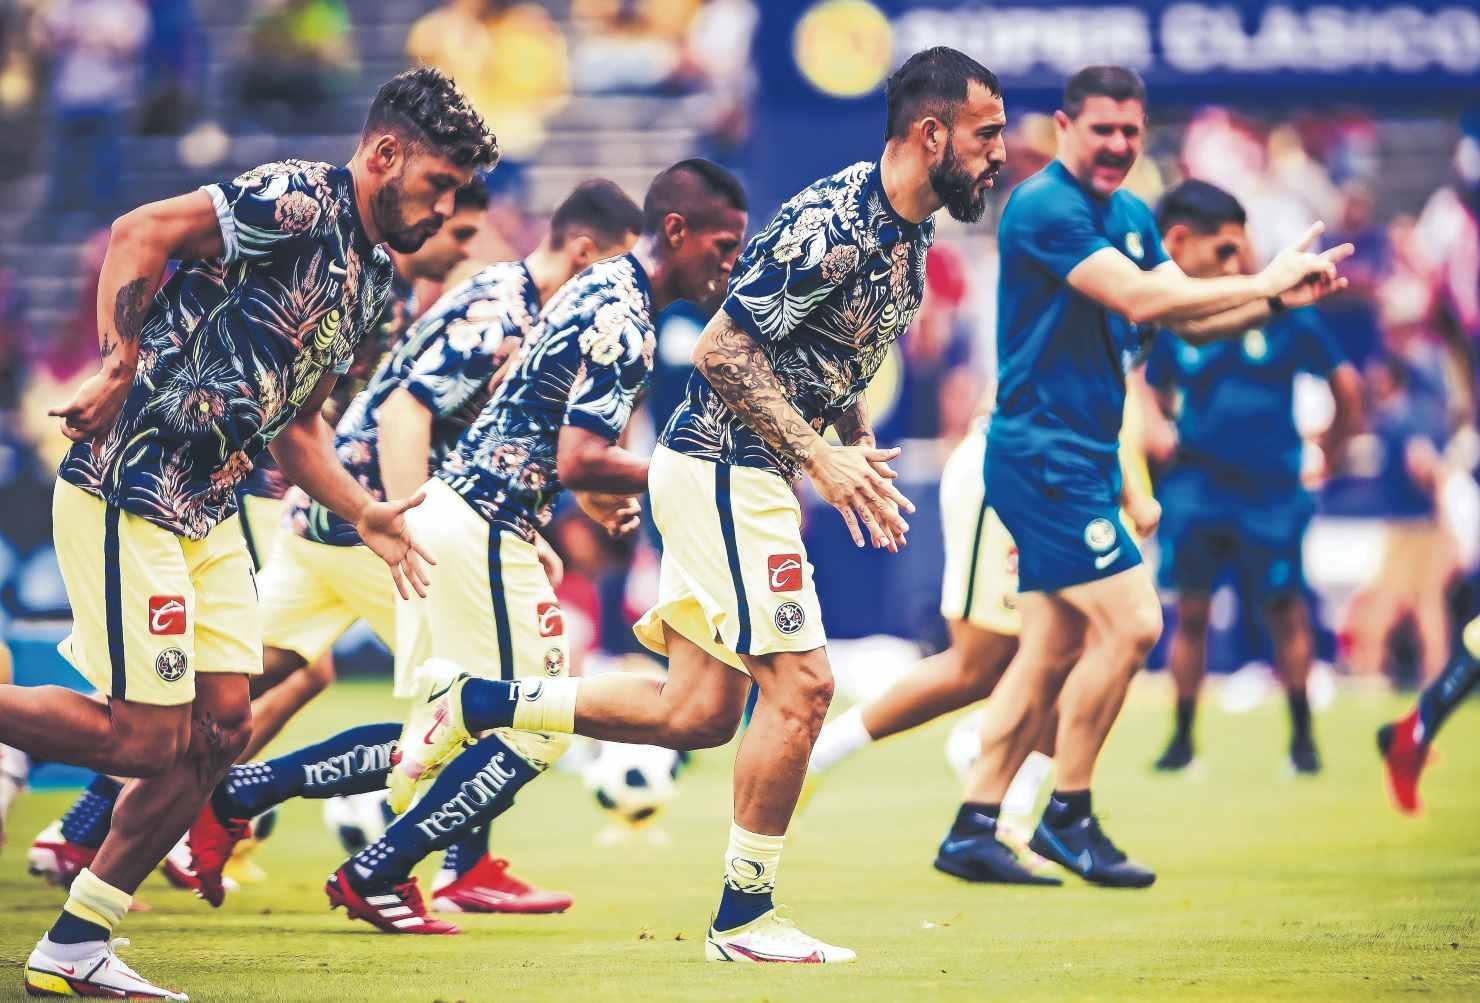 El América listo para destrozar al Mazatlán FC en la contienda de hoy